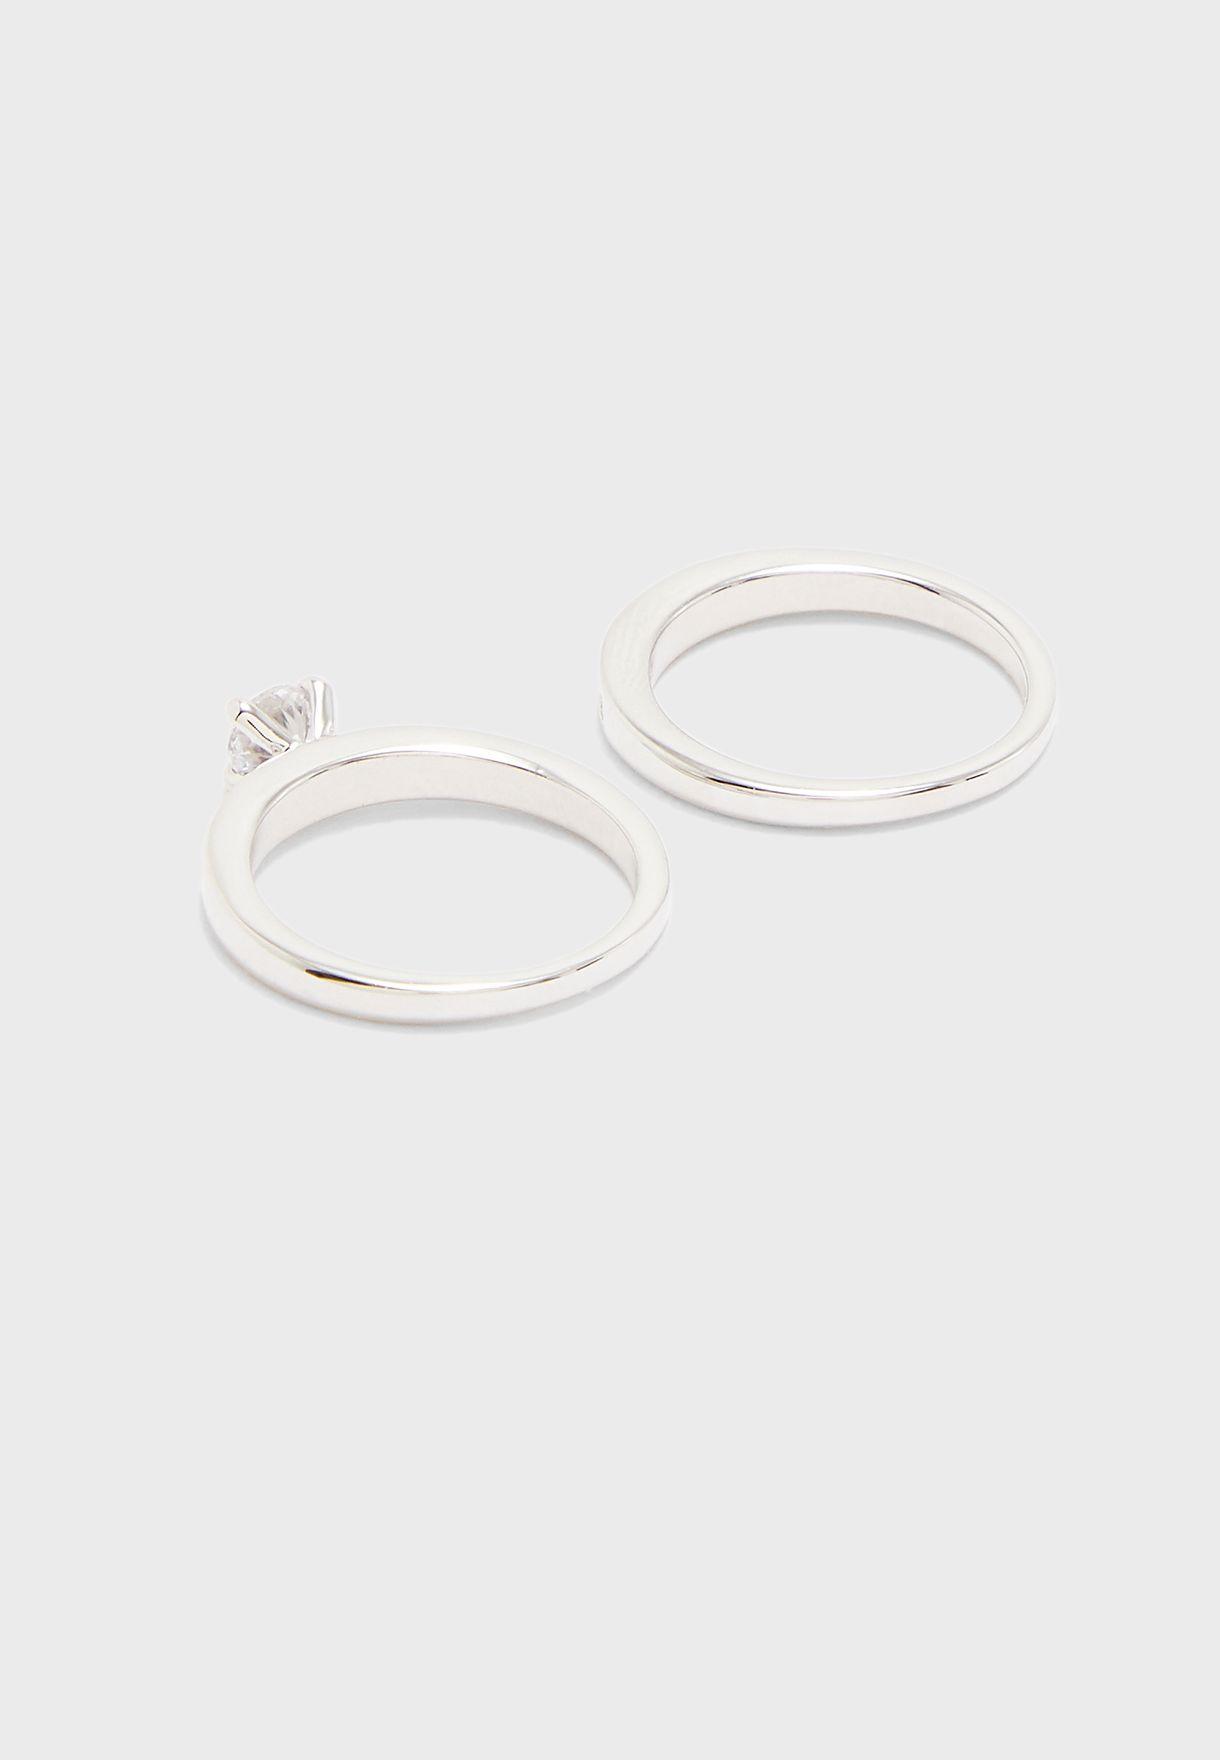 طقم خاتم زفاف ثنائي